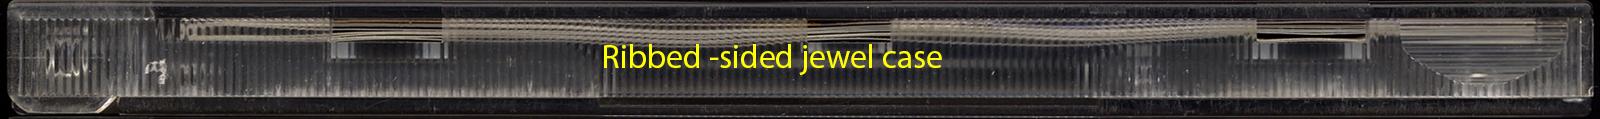 Jewel case side